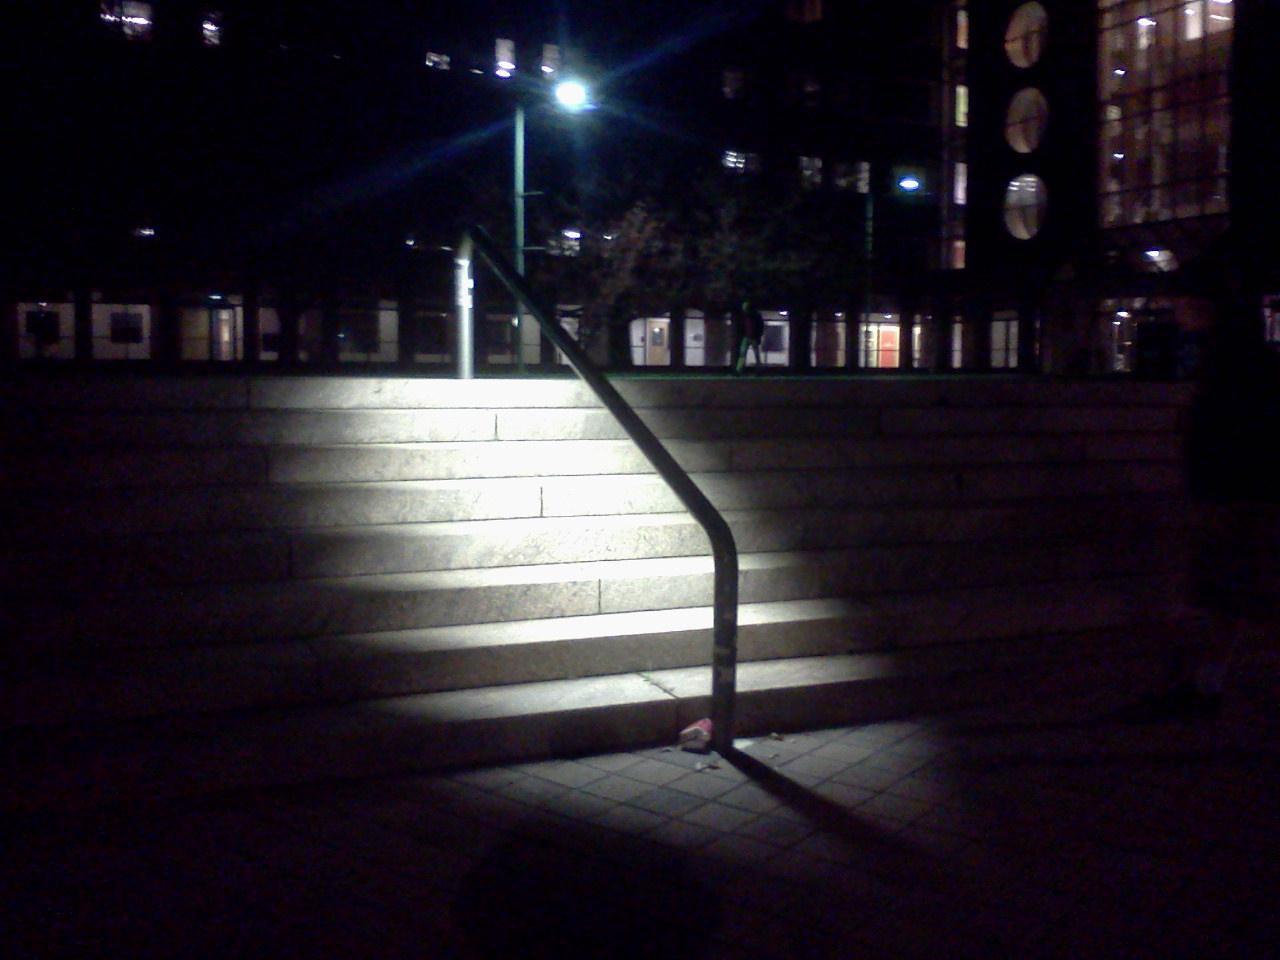 MIT rail night lights